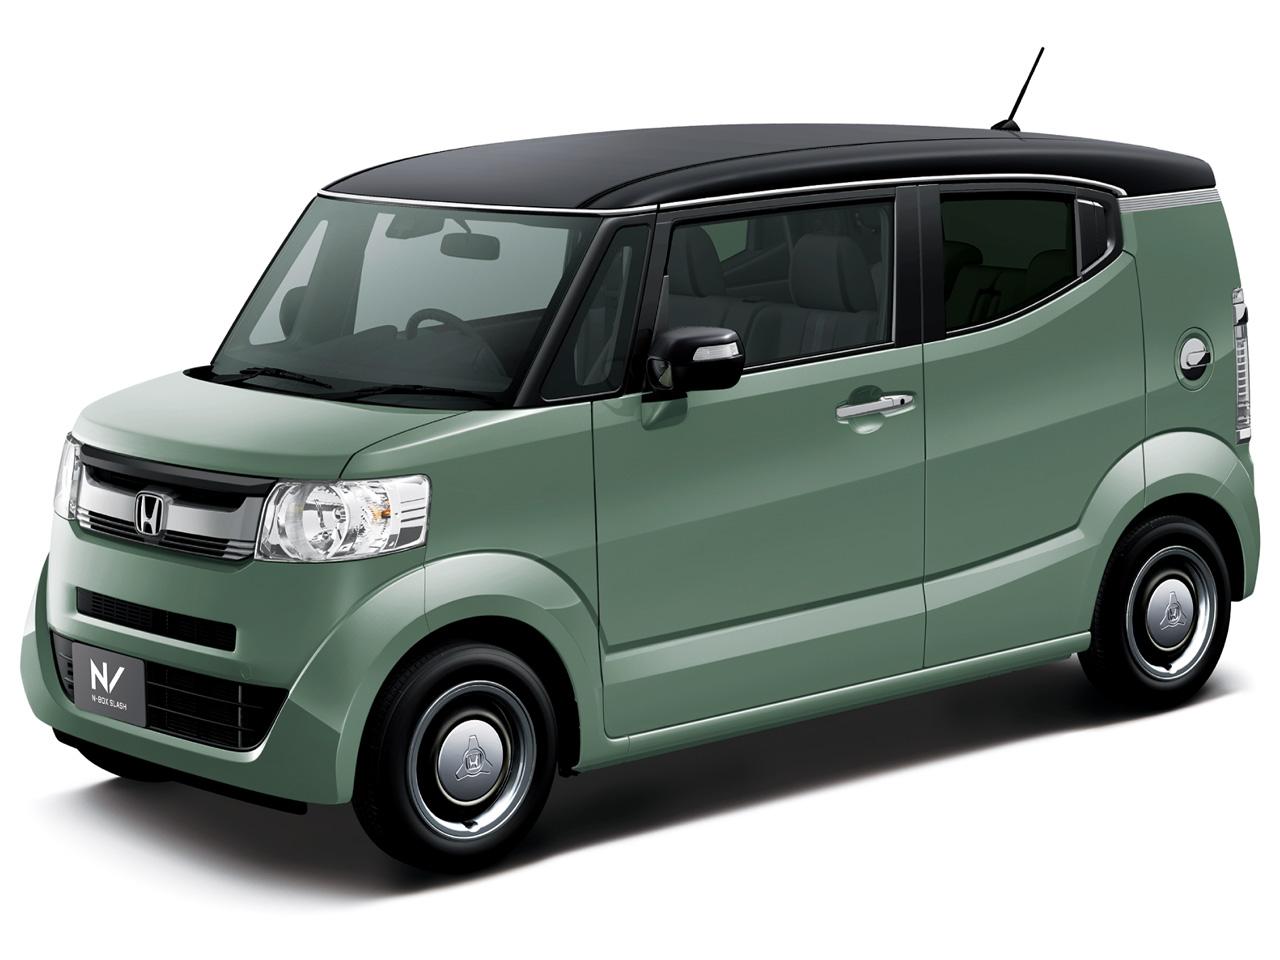 ホンダ N-BOX SLASH 2014年モデル 新車画像